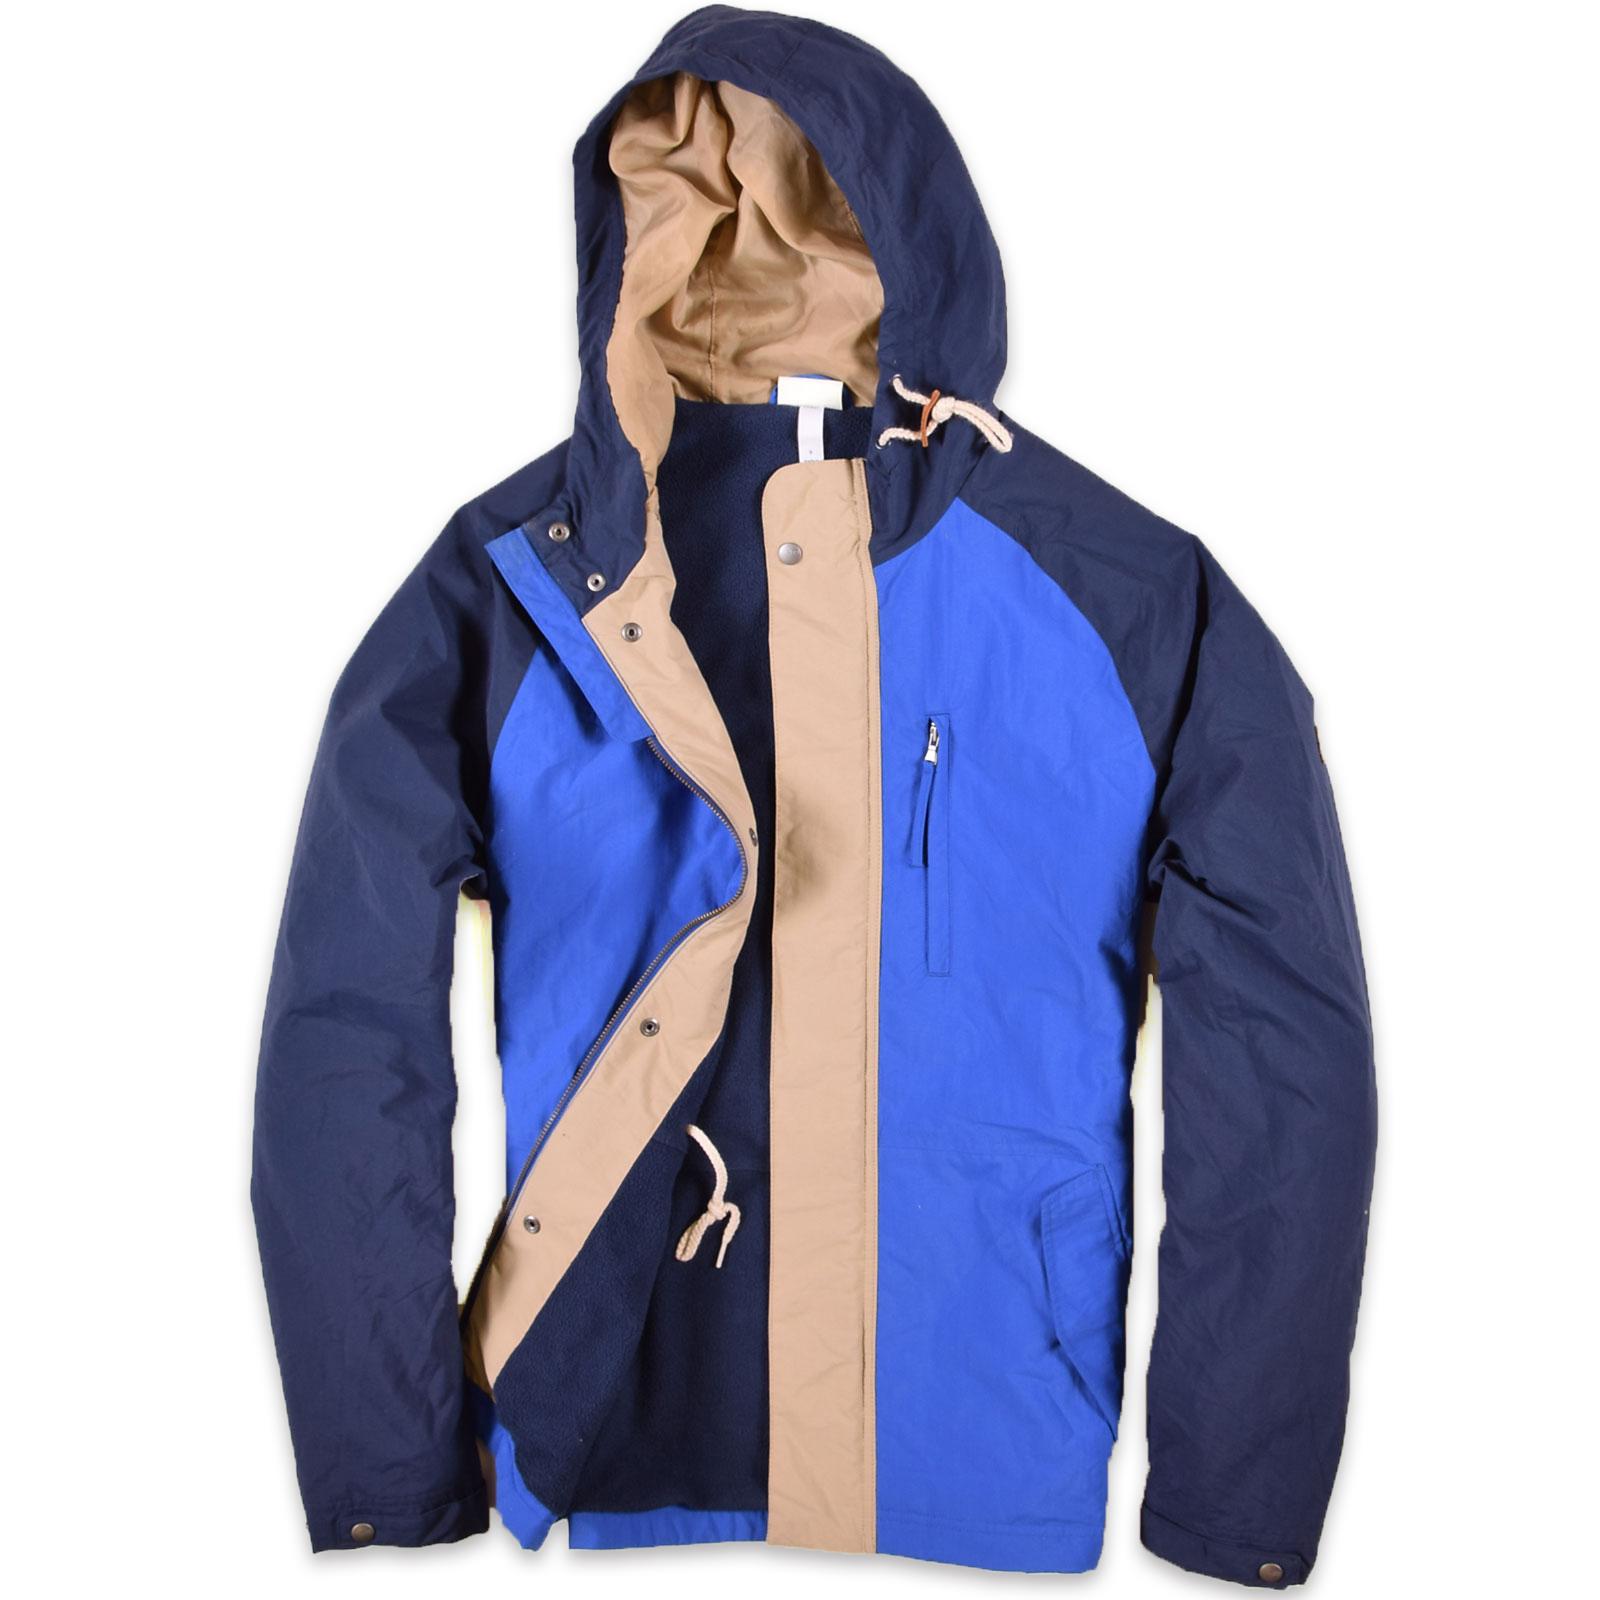 Neo Blau48866 Adidas Details Jacket Label Zu Fleece Futter Herren Jacke Gr s N0wOvm8n